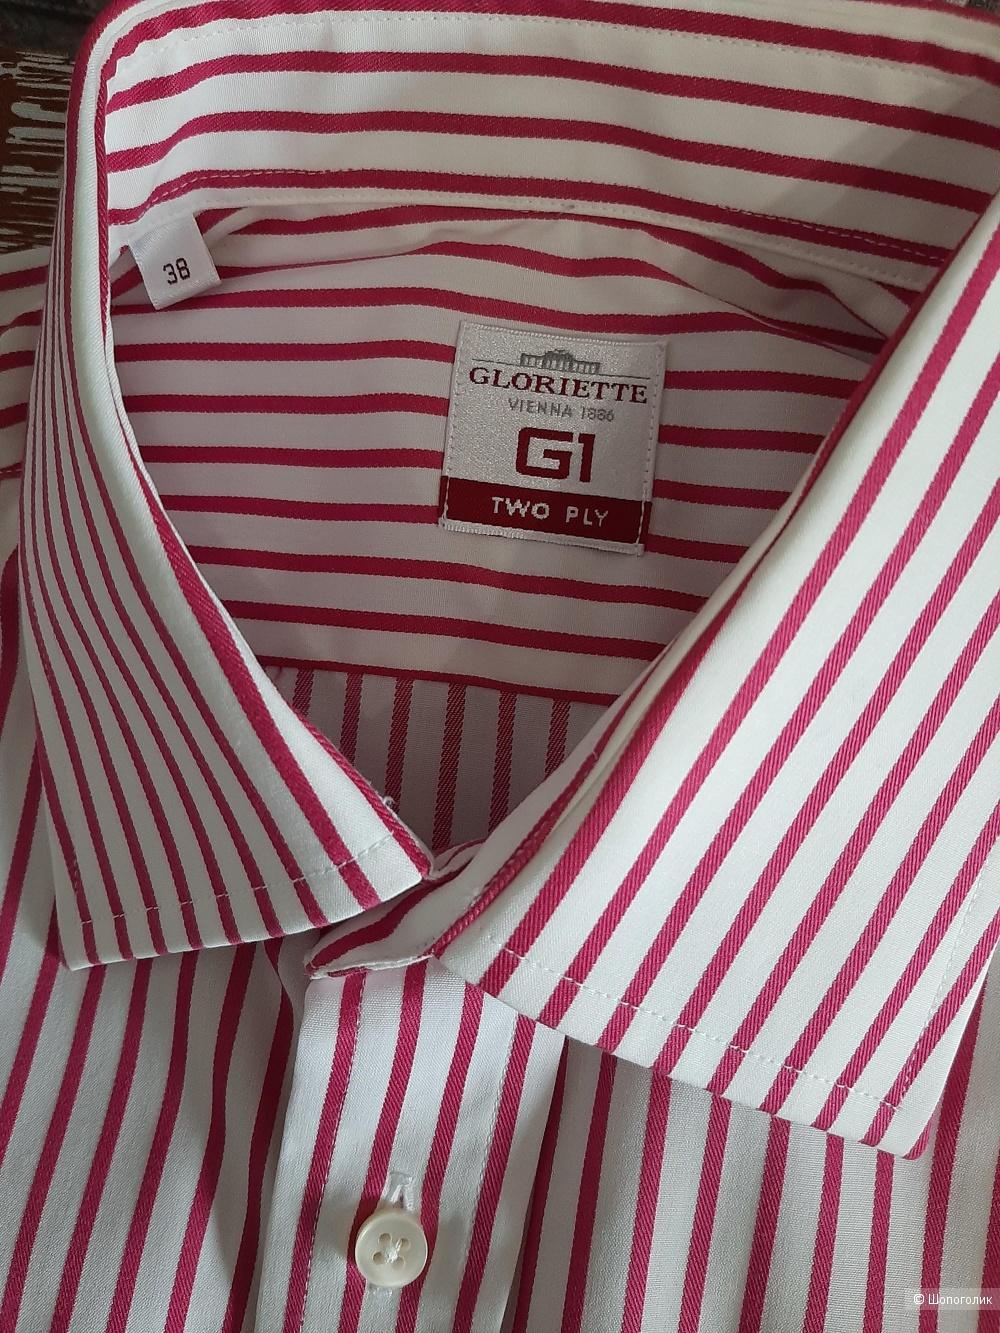 Рубашка Gloriette, размер 38